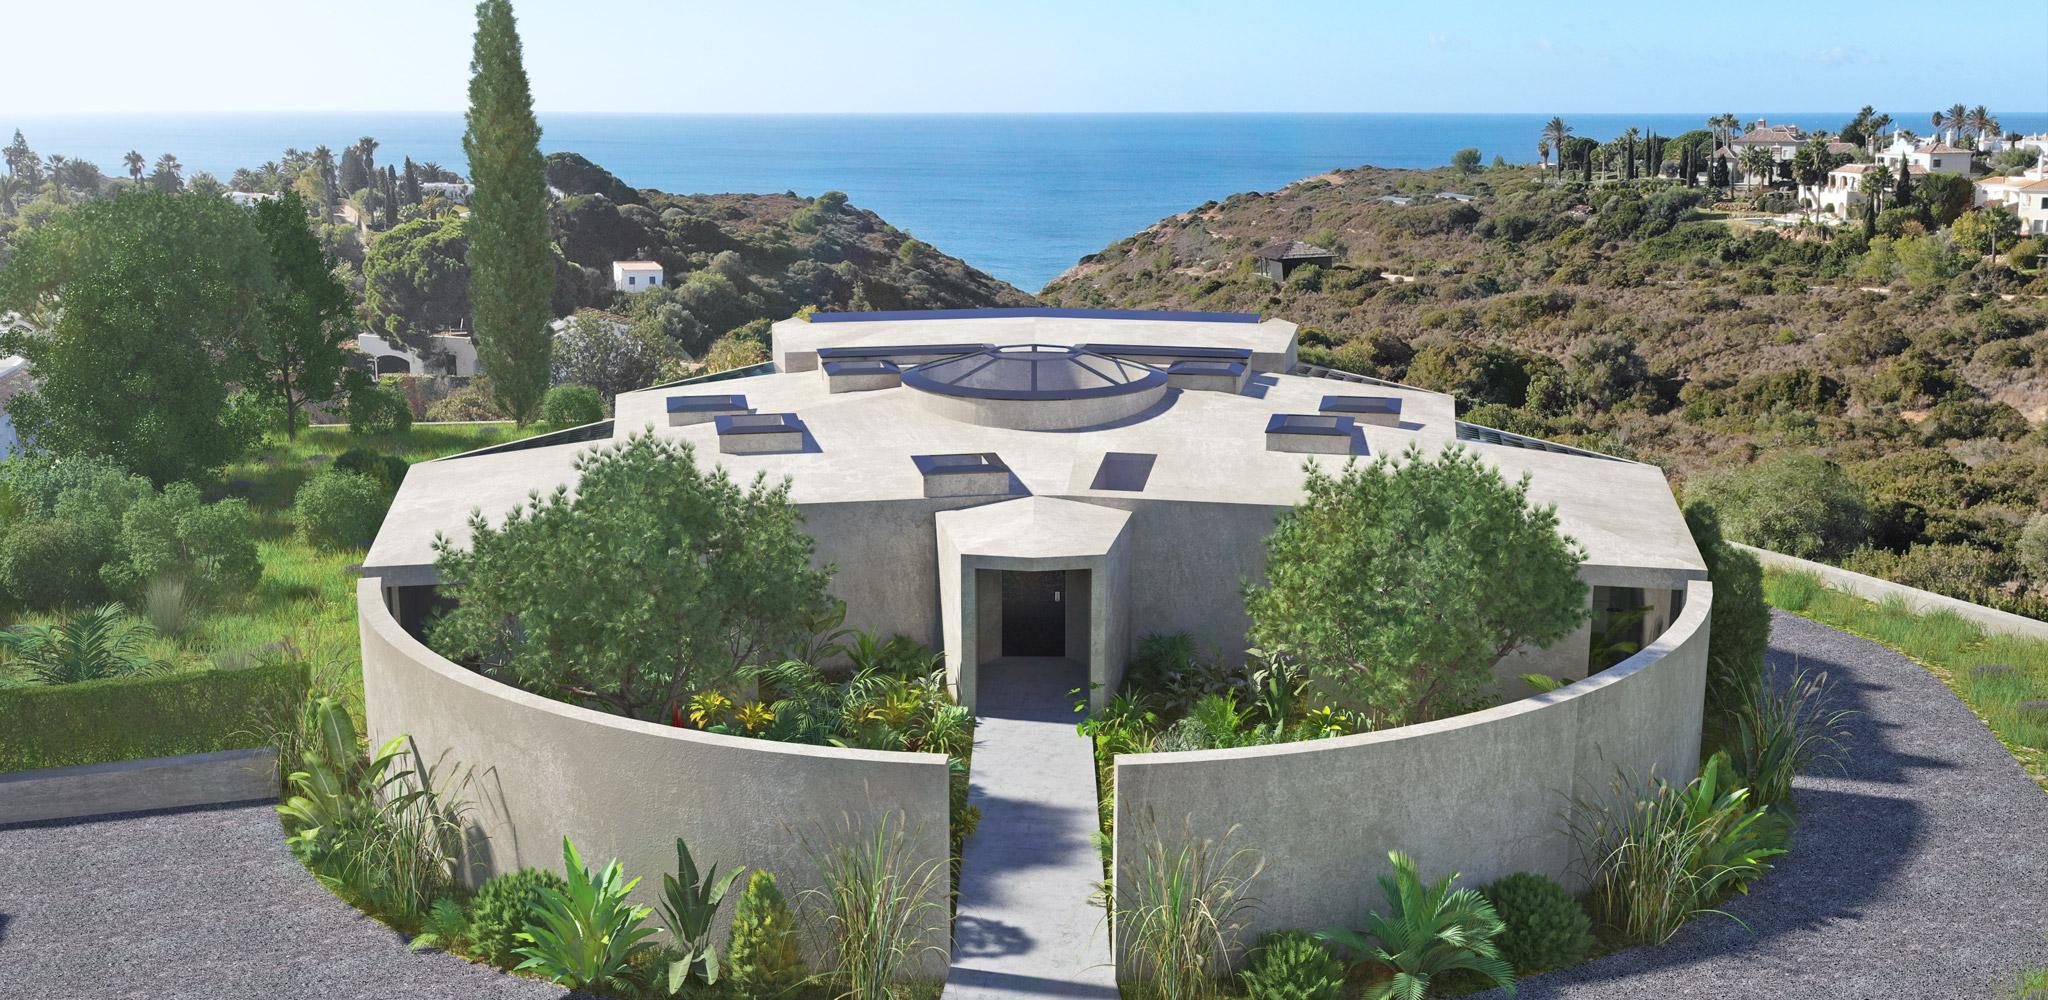 Casa Sky Base I by Bespoke Architects